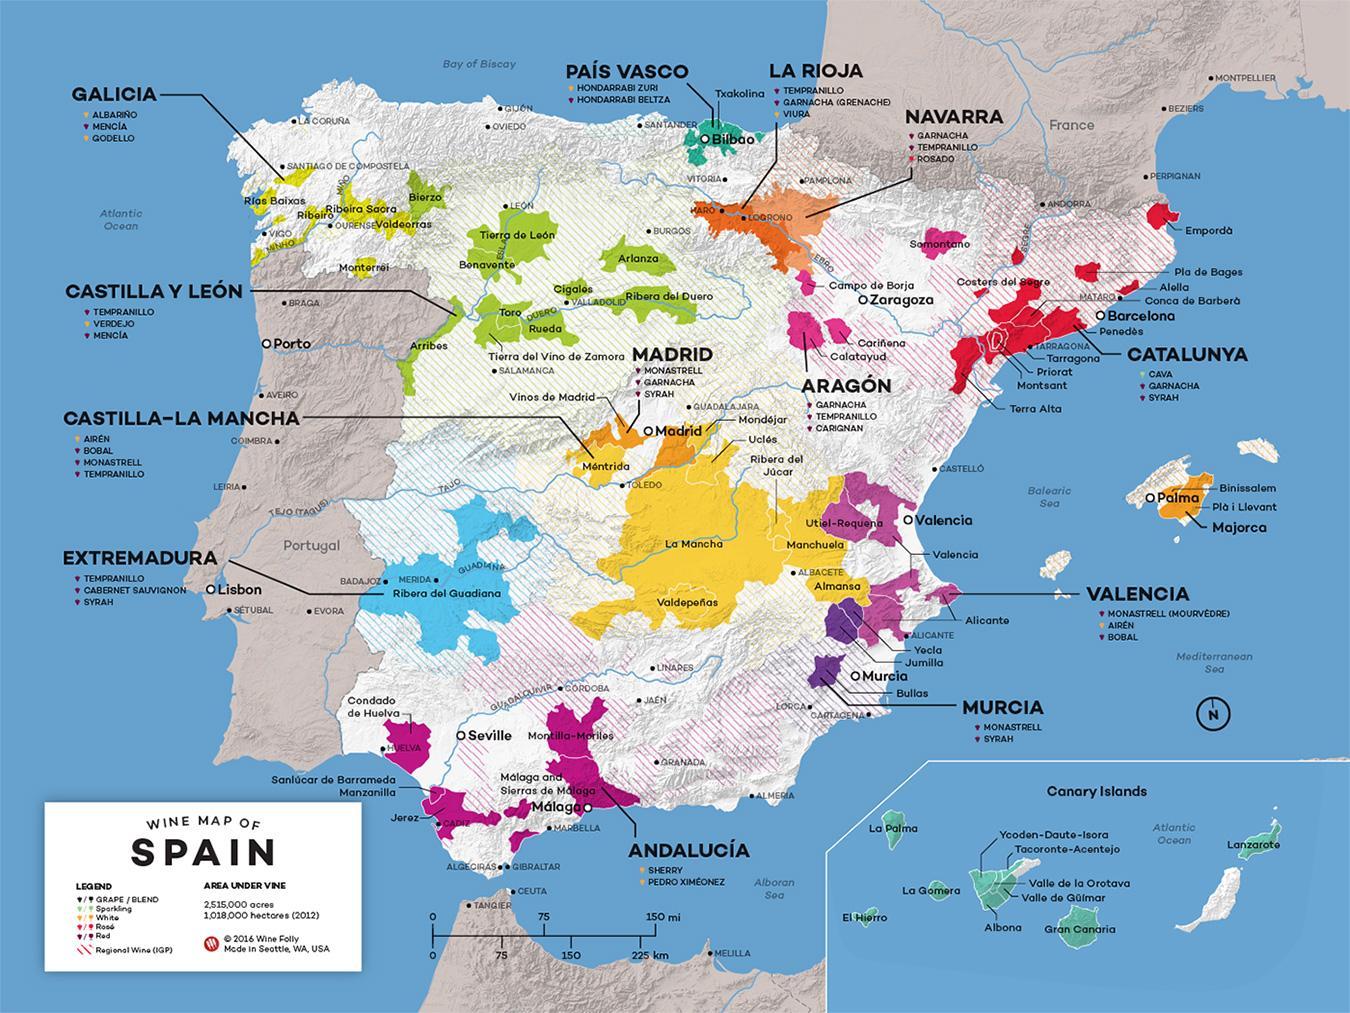 Cartina Geografica Spagna Del Sud.Spagna Mappa Del Vino I Vini Di Spagna Mappa Europa Del Sud Europa